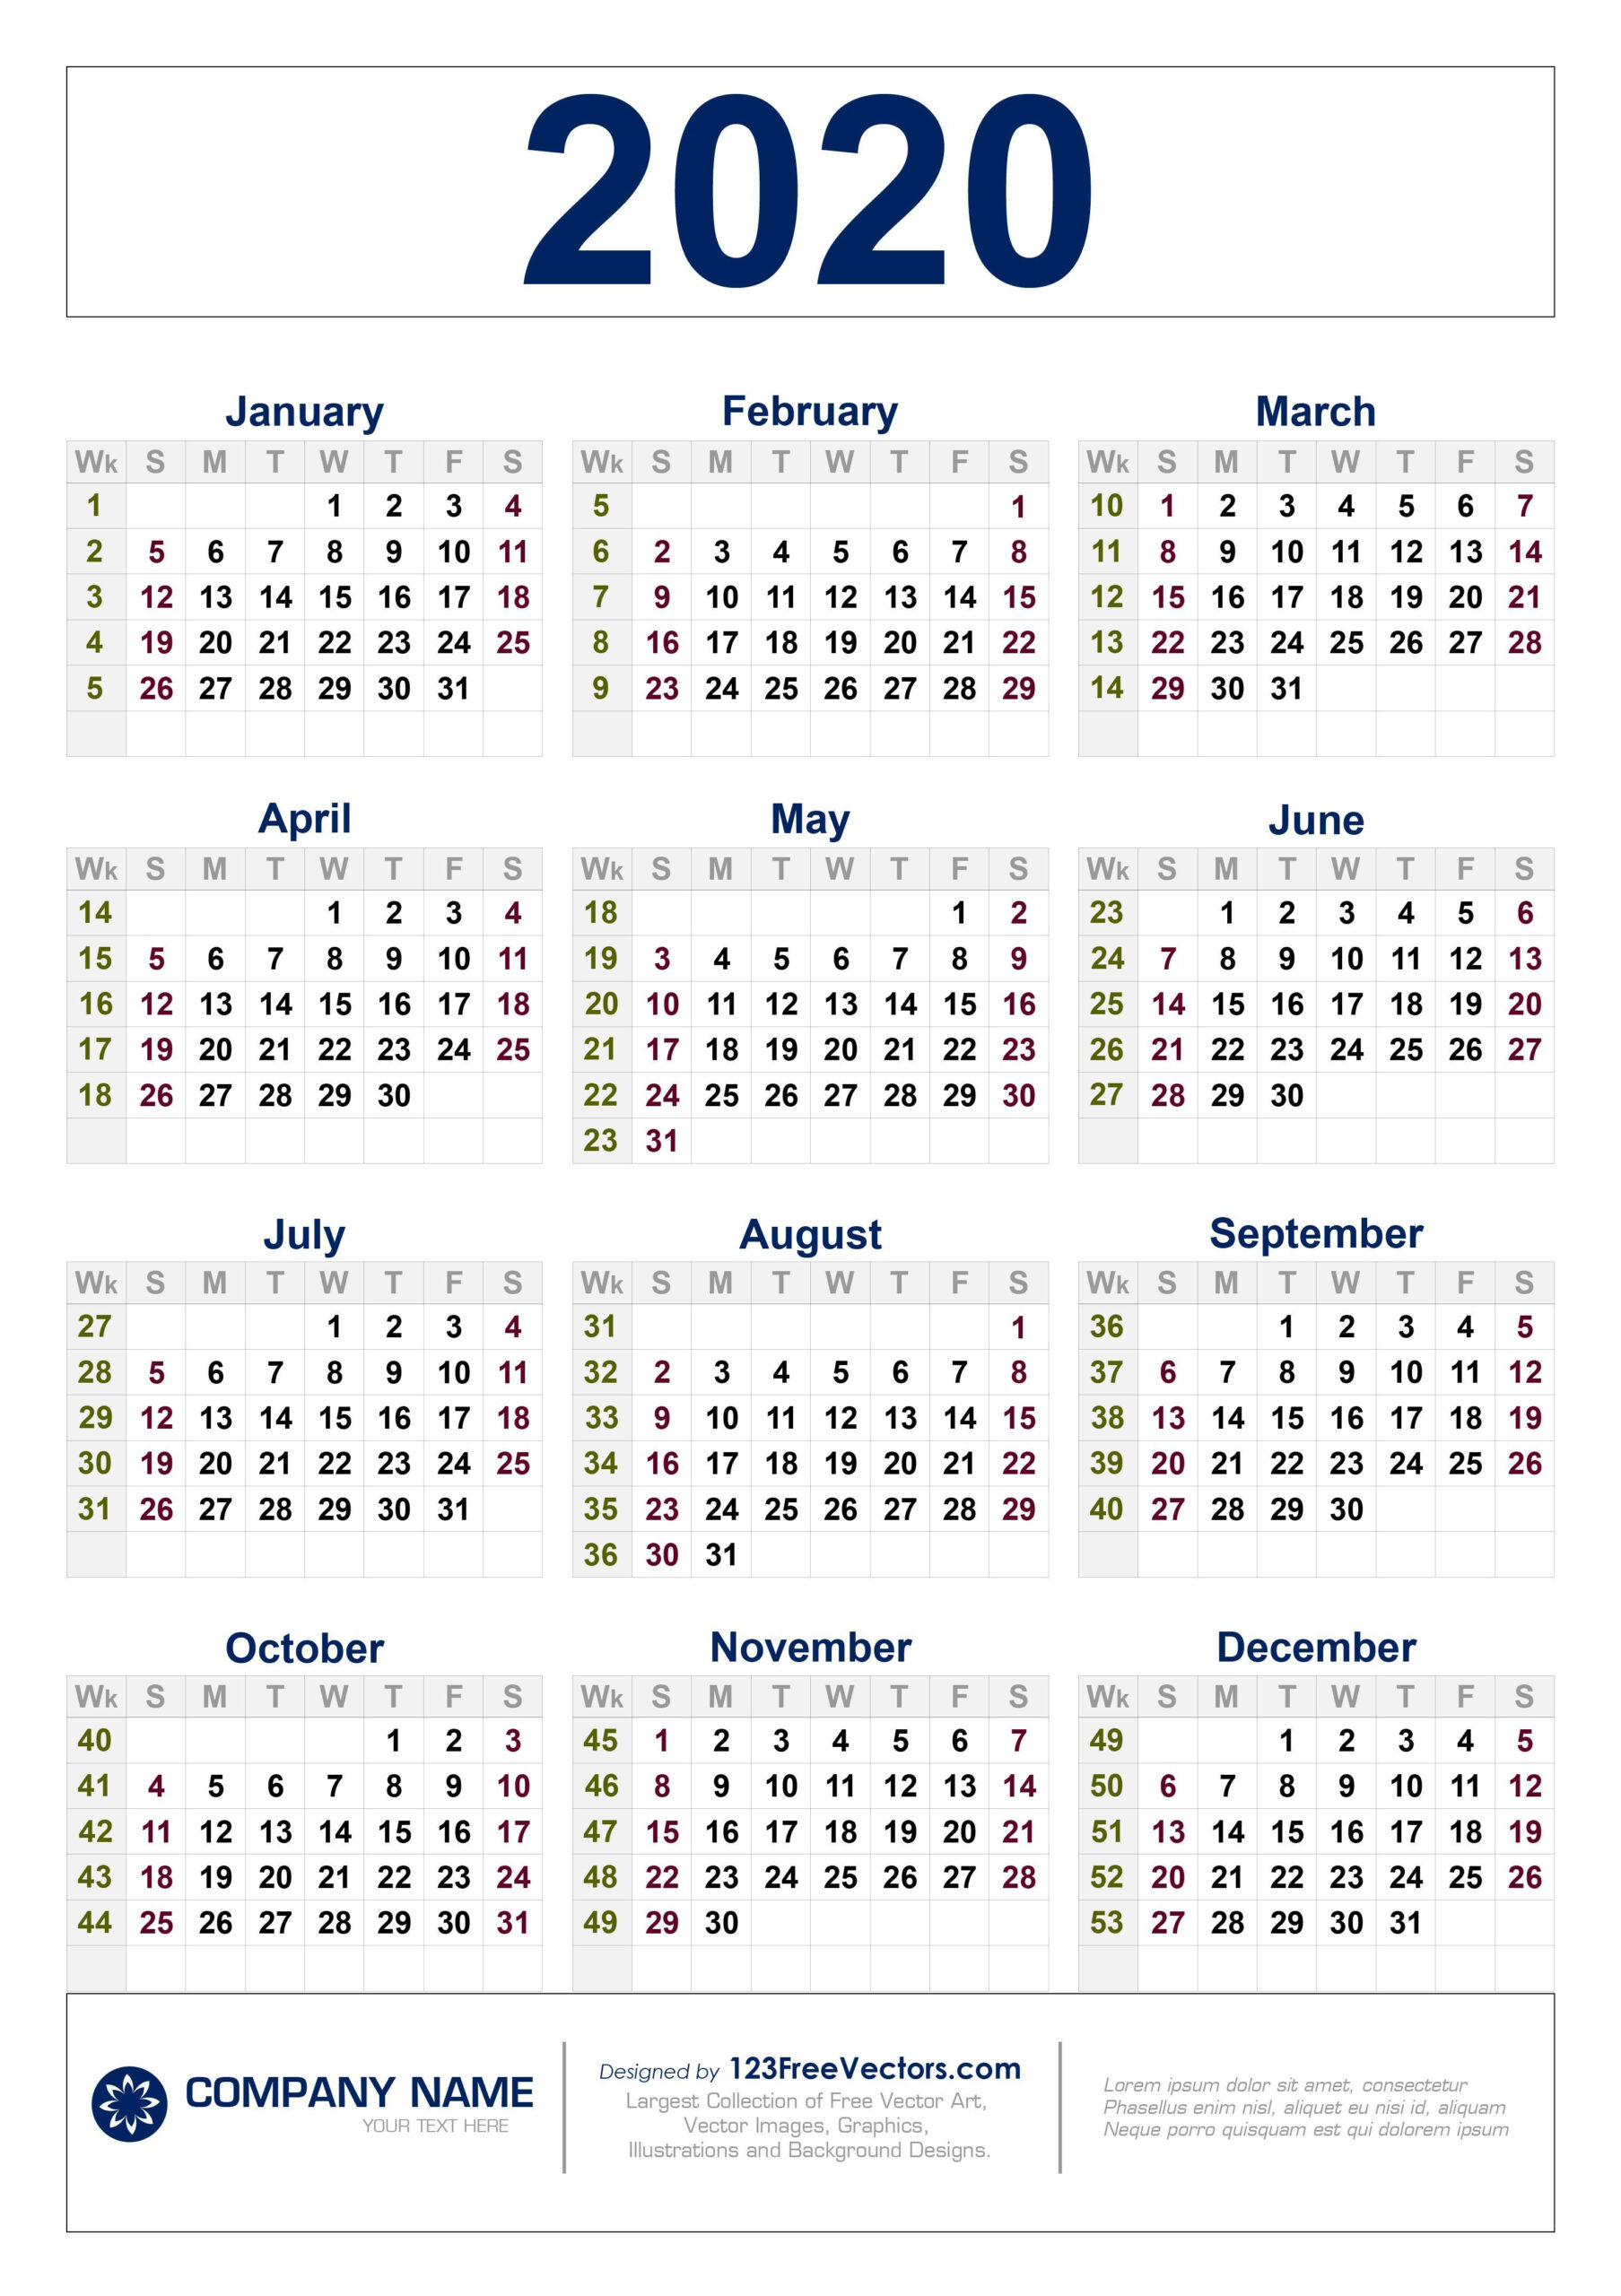 Free Download 2020 Calendar With Week Numbers, #Calendar #